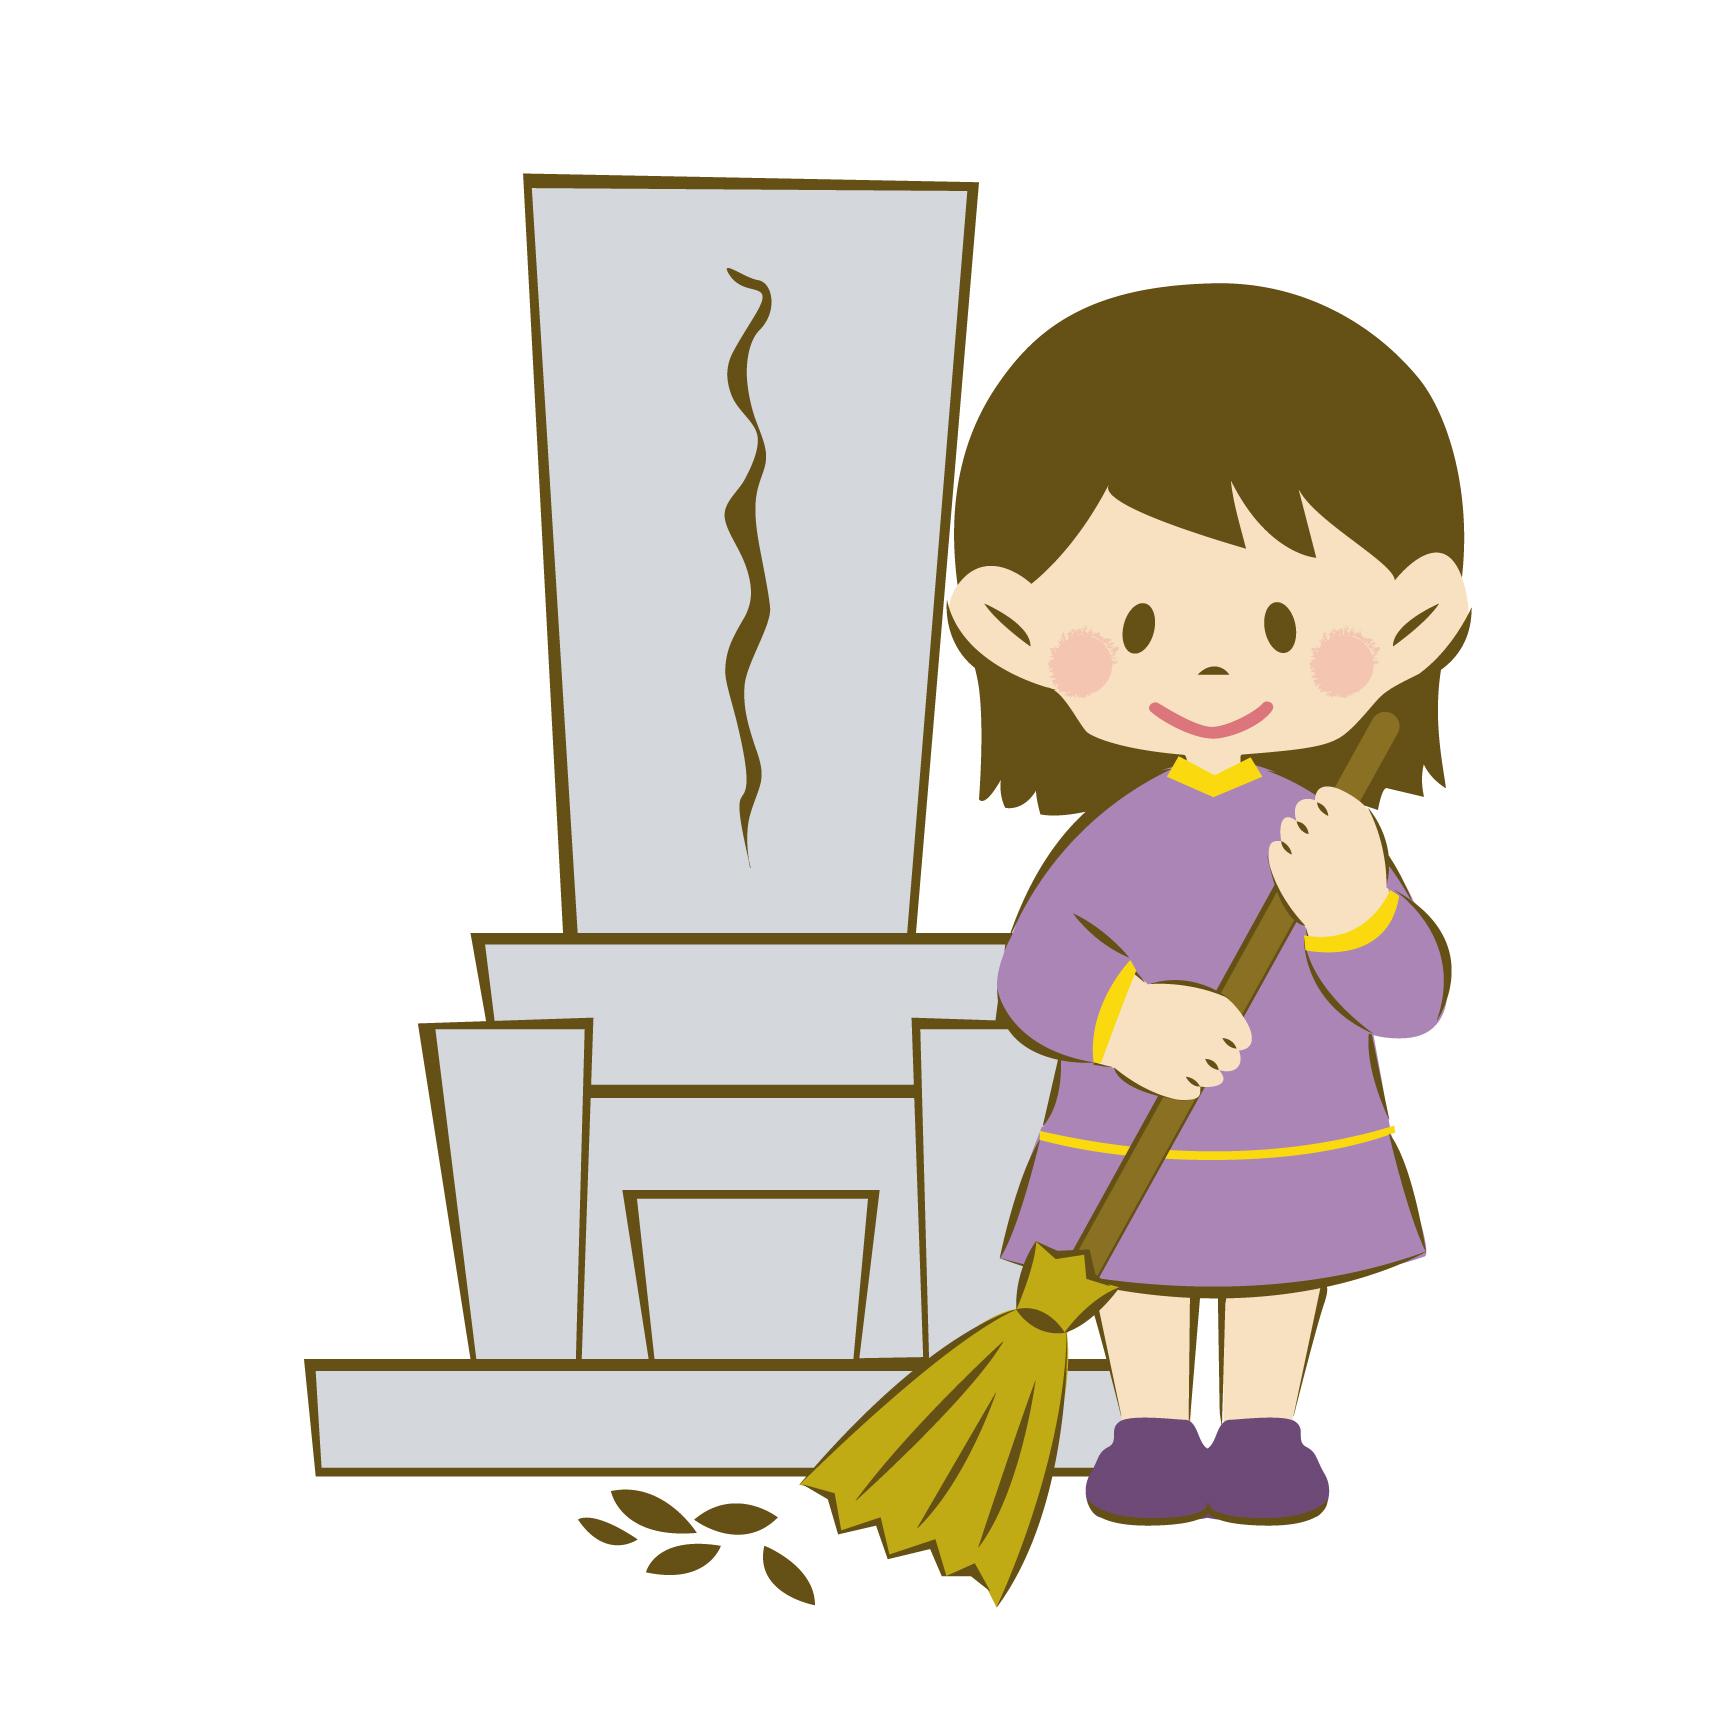 身近なアイテムが役立つ!墓石の掃除に便利!知ってるキレイを保つ掃除の仕方